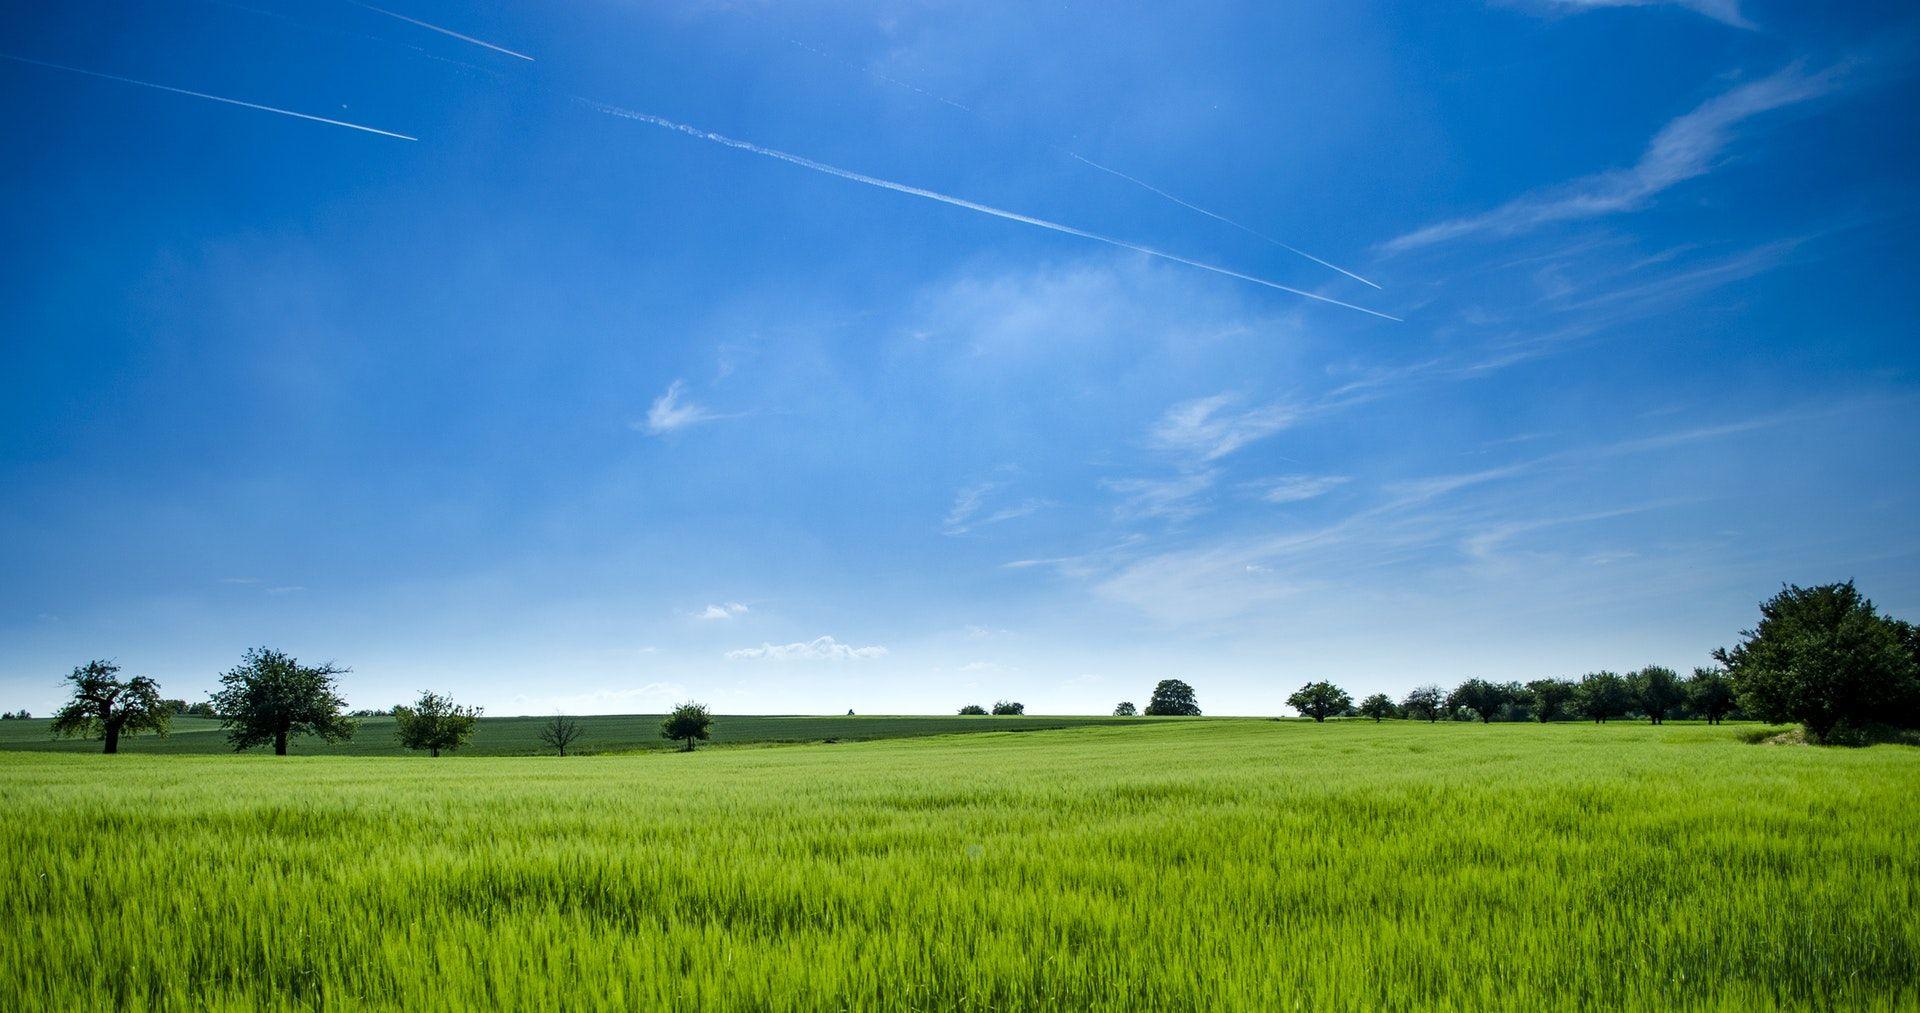 عکس زمینه پانوراما از مزرعه سرسبز پس زمینه